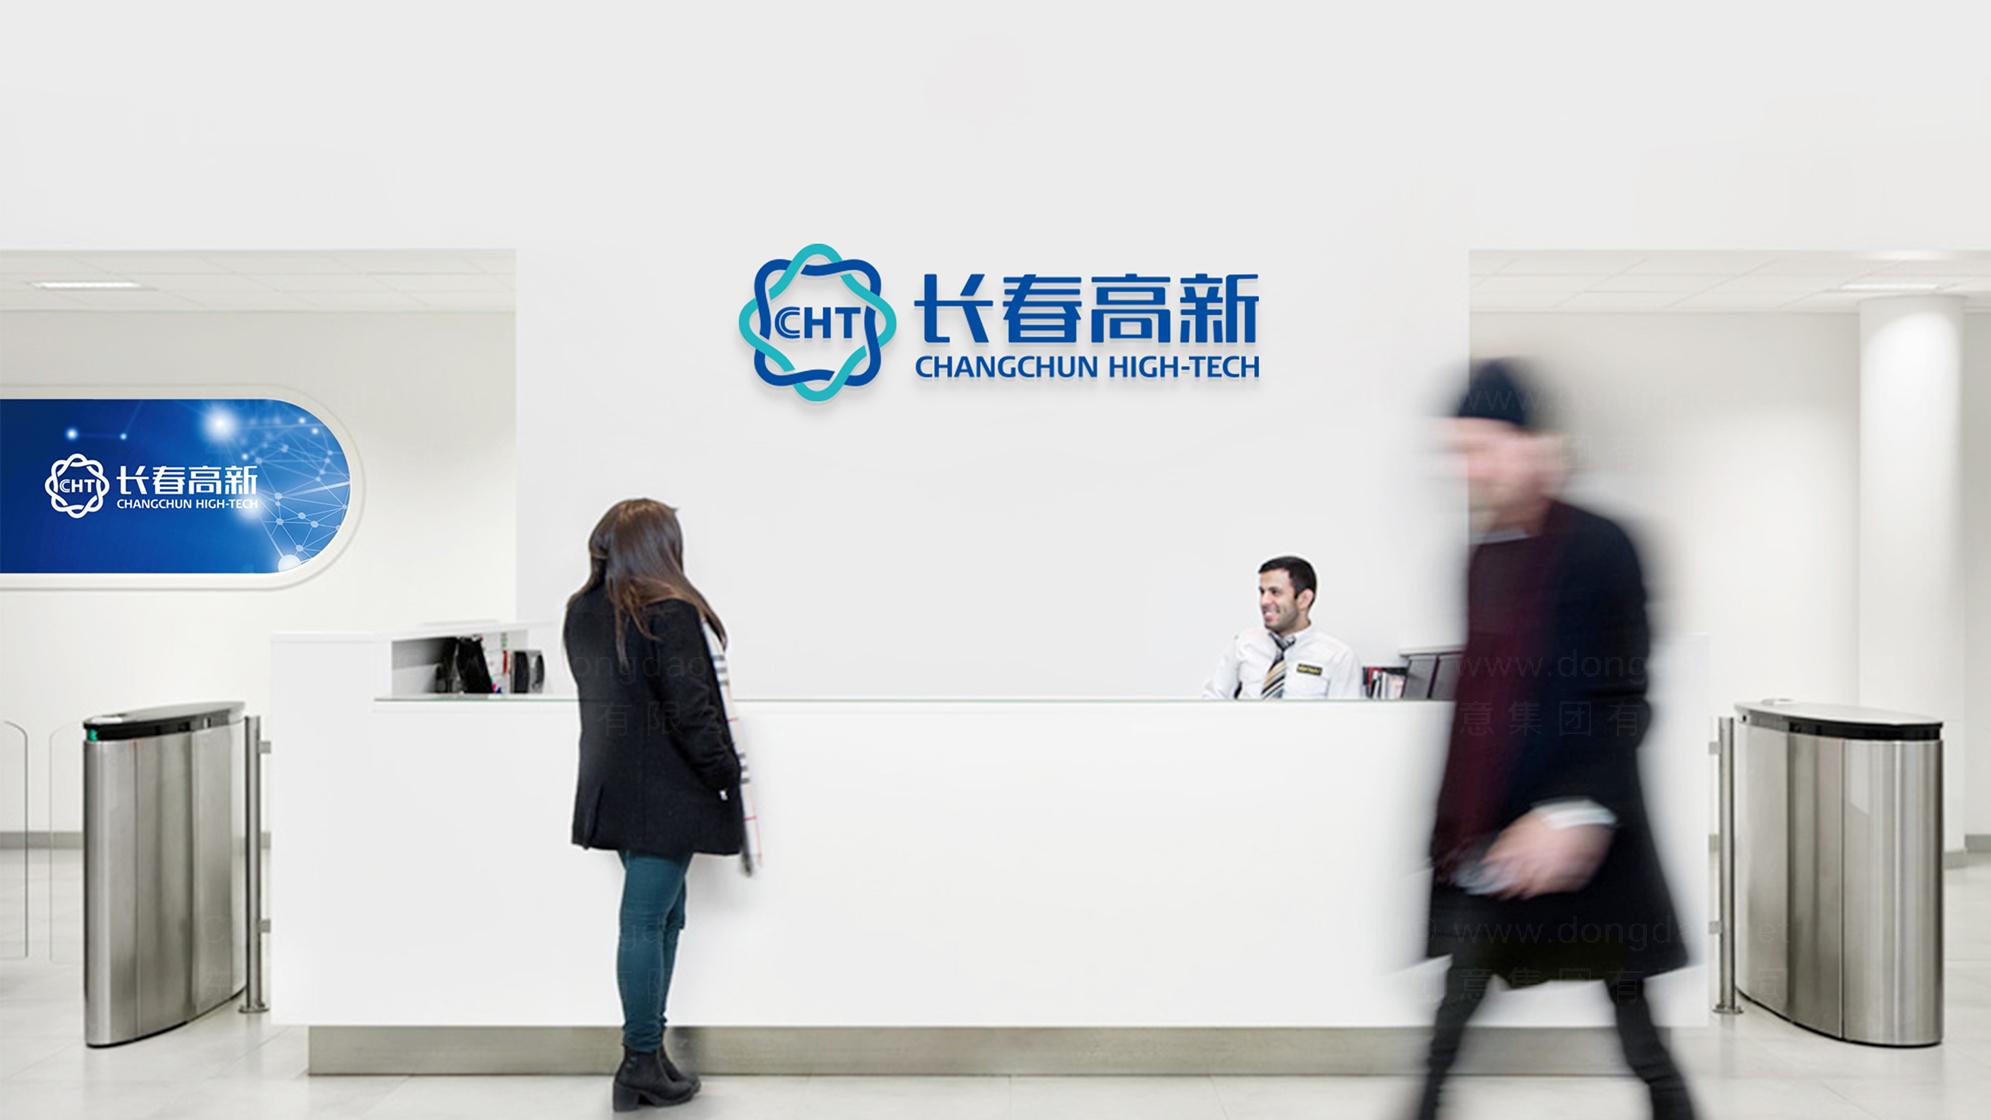 品牌设计长春高新标志设计应用场景_3